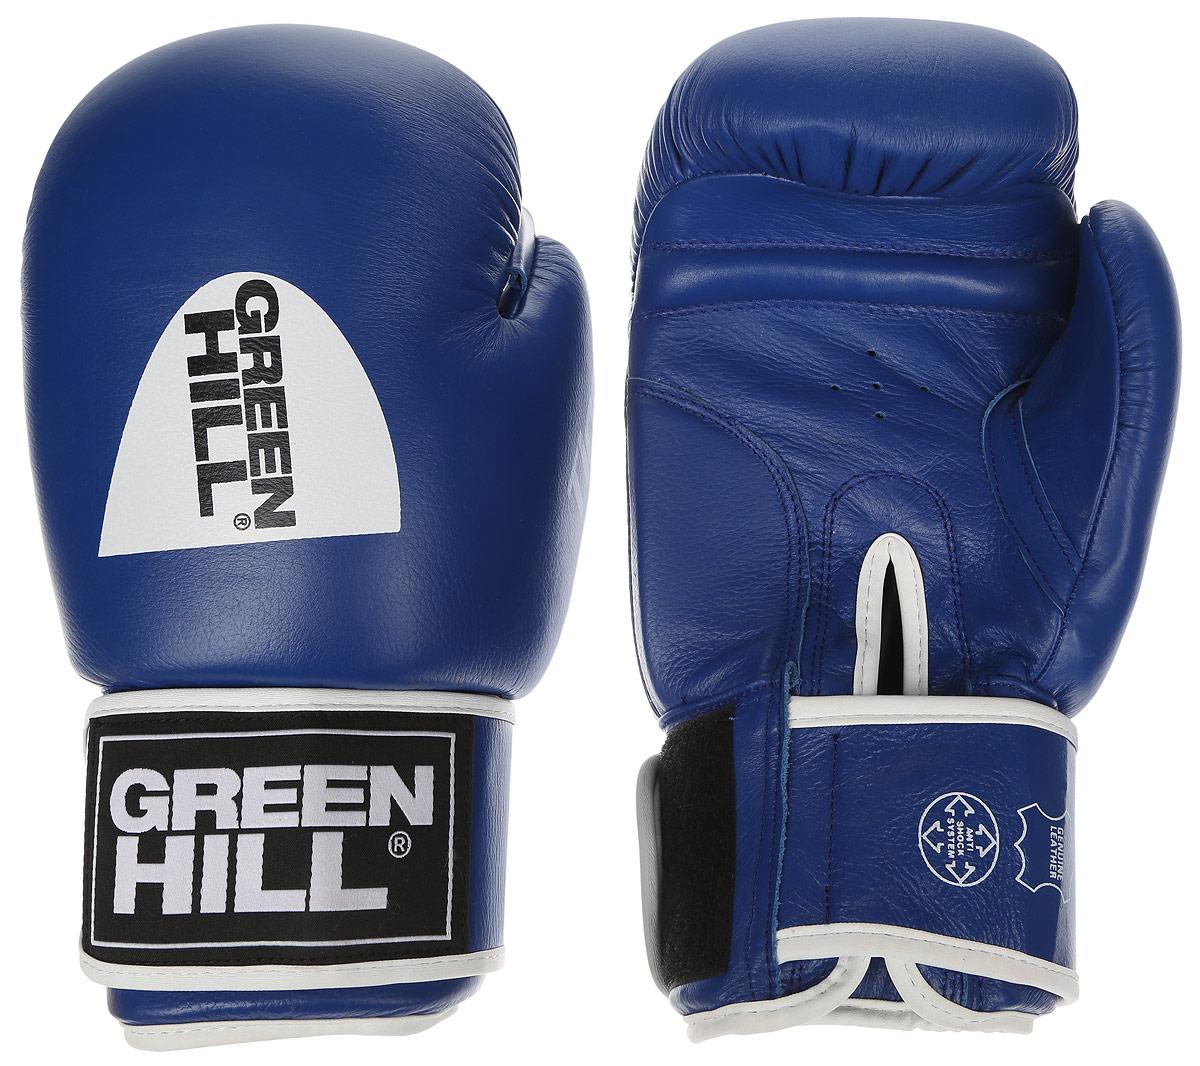 Перчатки боксерские Green Hill Tiger, цвет: синий, белый. Вес 14 унцийBGT-2010сБоевые боксерские перчатки Green Hill Tiger применяются как для соревнований, так и для тренировок. Верх выполнен из натуральной кожи, вкладыш - предварительно сформированный пенополиуретан. Манжет на липучке способствует быстрому и удобному надеванию перчаток, плотно фиксирует перчатки на руке. Отверстия в области ладони позволяют создать максимально комфортный терморежим во время занятий. В перчатках применяется технология антинокаут.